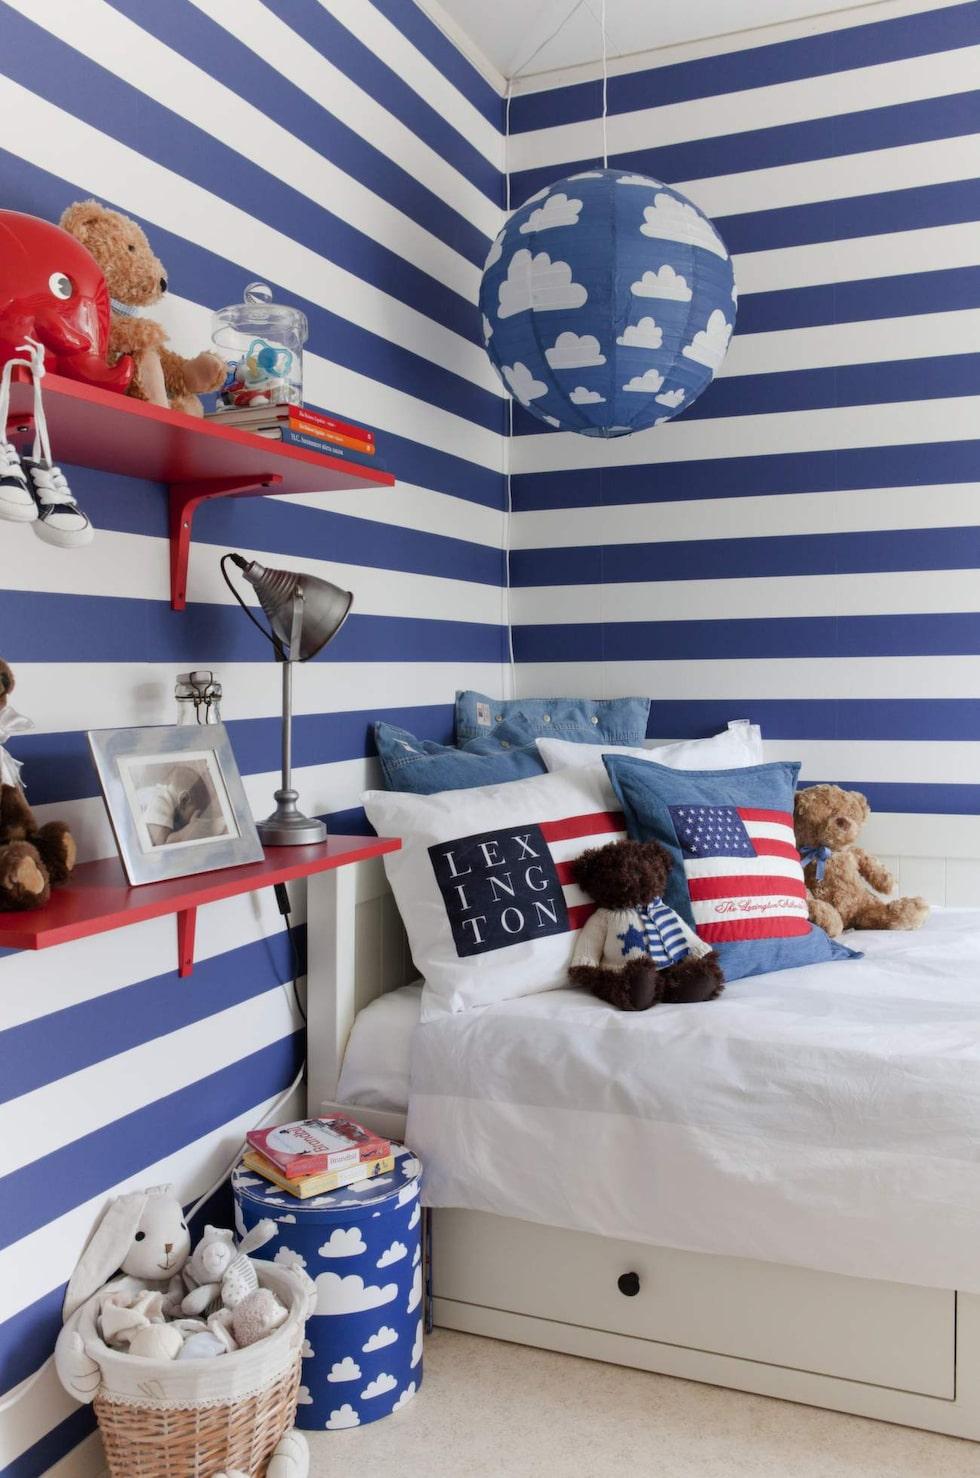 Älskade ränder. Mysig sänghörna med kuddar från Lexington, förvaringsbox och lampa med moln från Färg & form. Röda vägghyllor från Ikea.